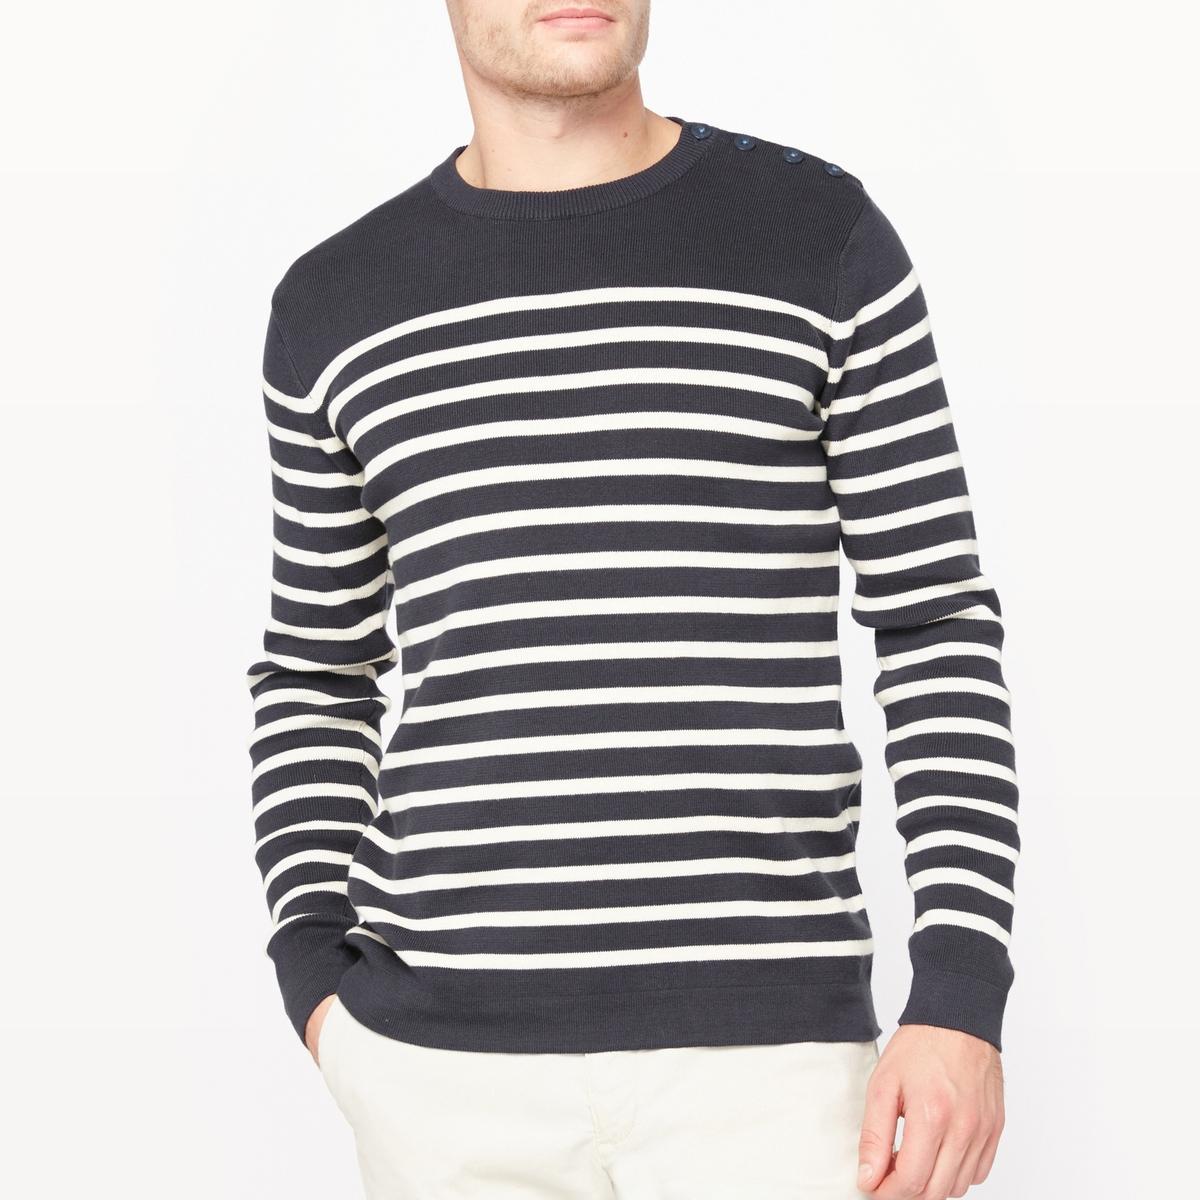 Пуловер-тельняшка с круглым вырезом, из биохлопка